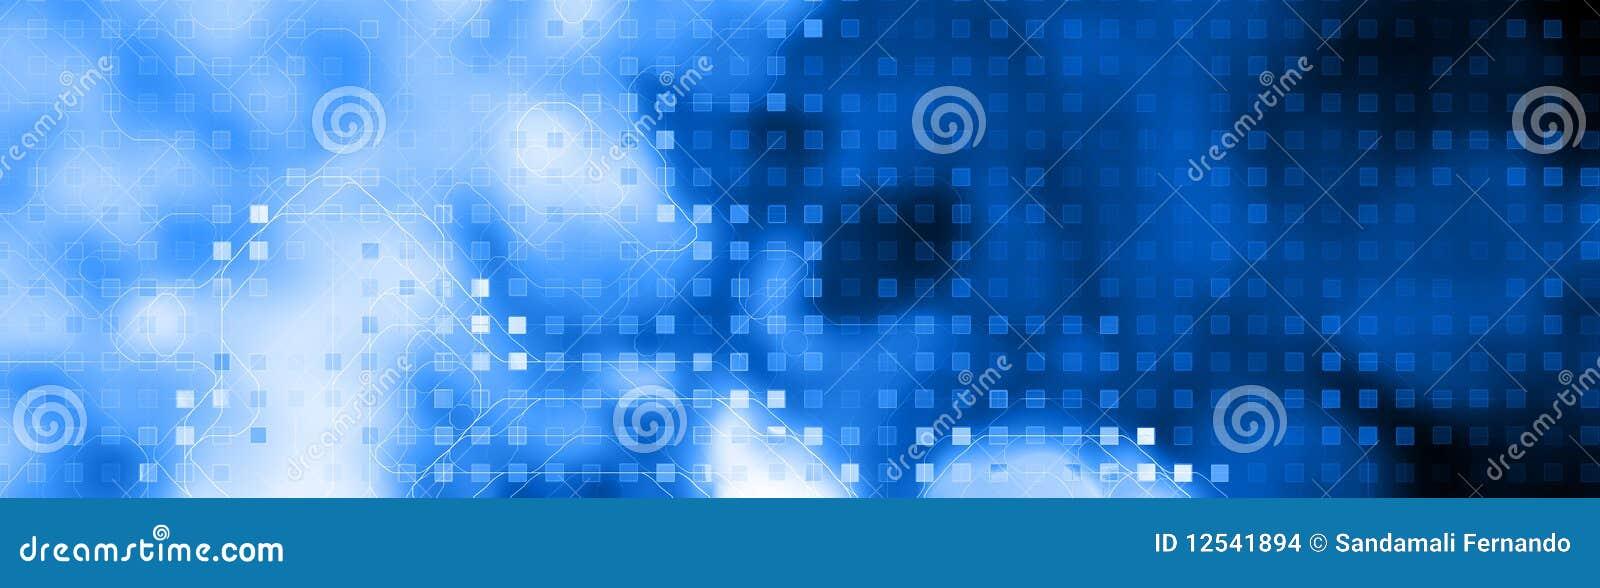 De kopbalblauw van het Web van de technologie